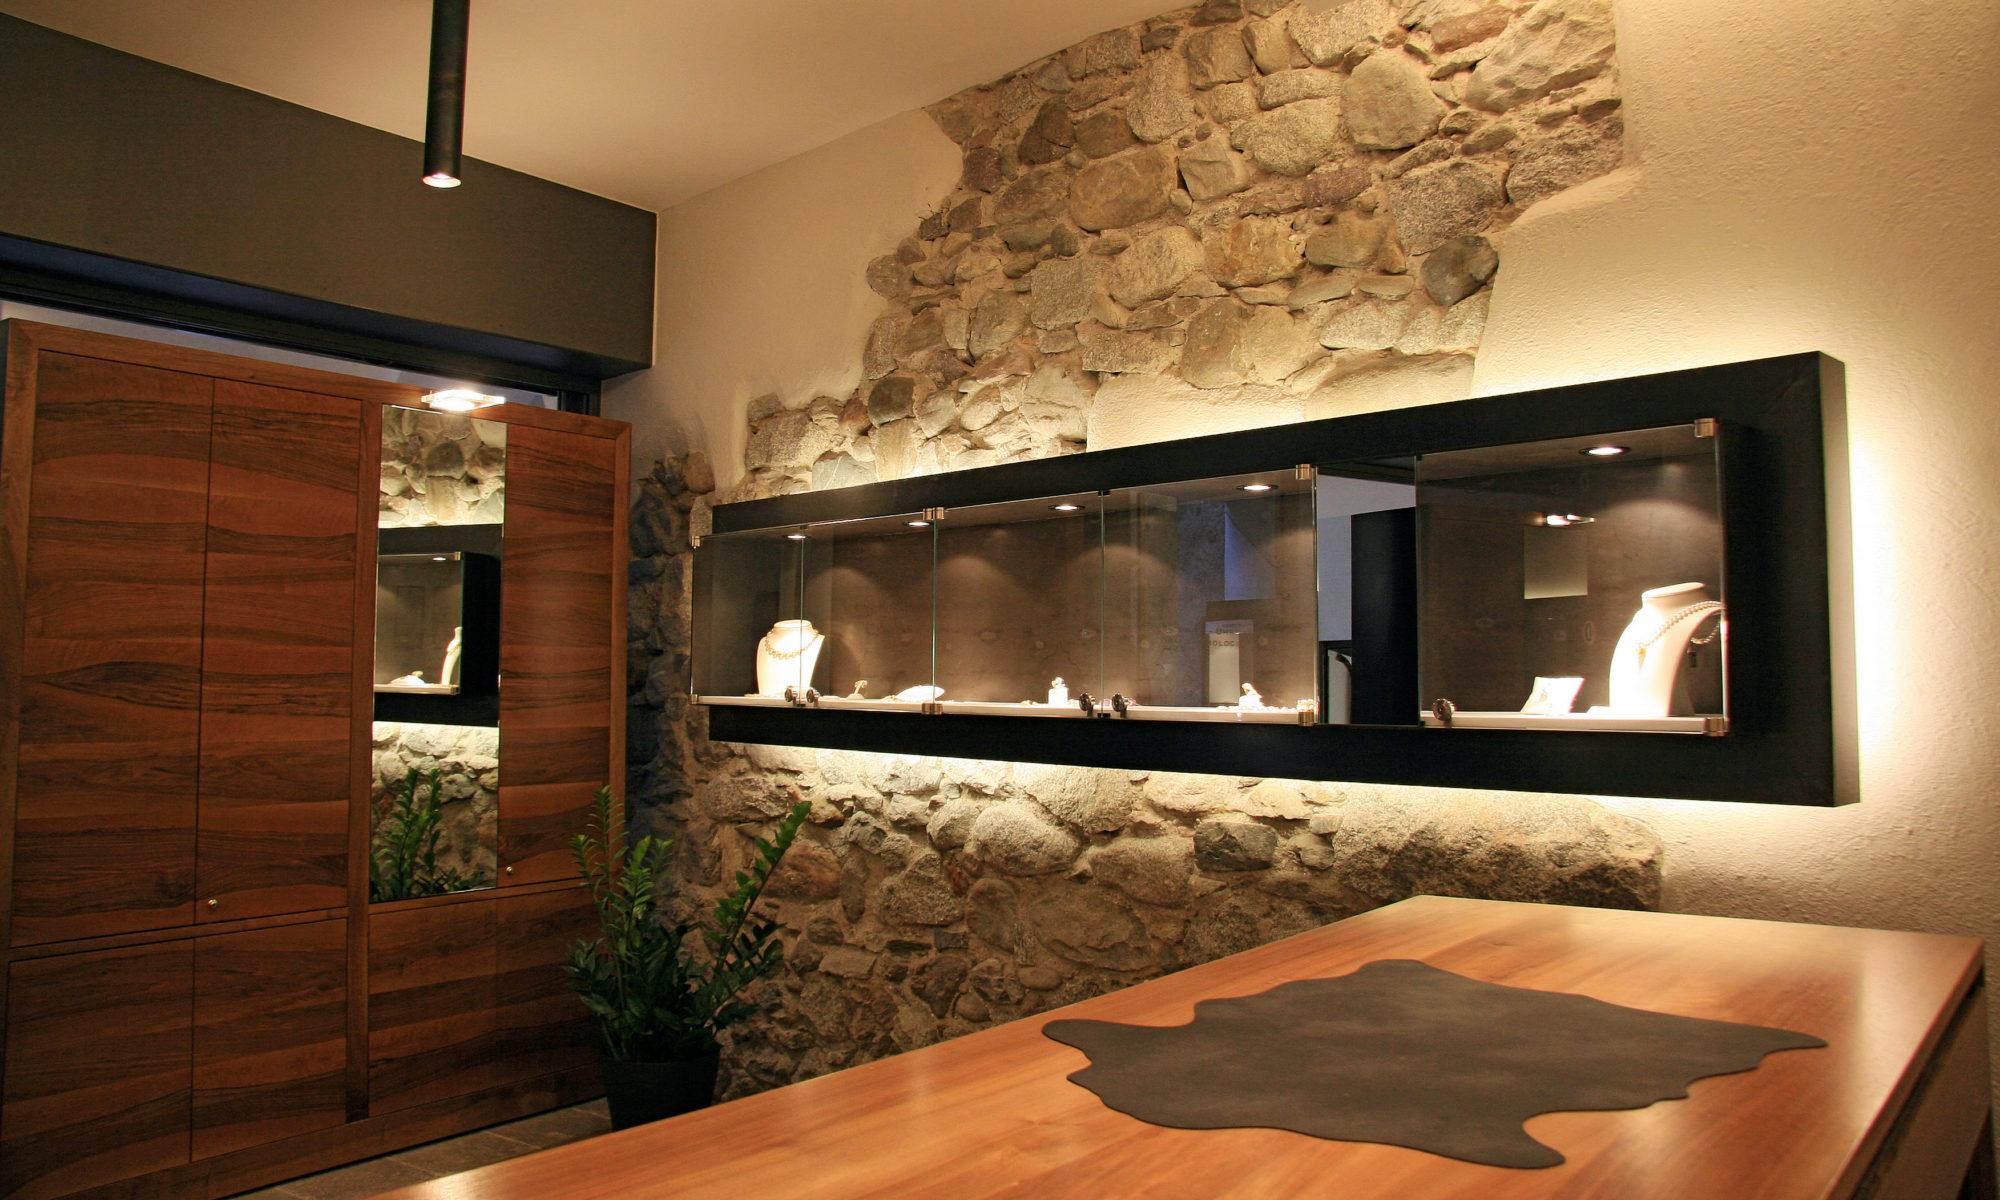 Atelier Former – Goldschmied und Juwelier am Bozner Tor